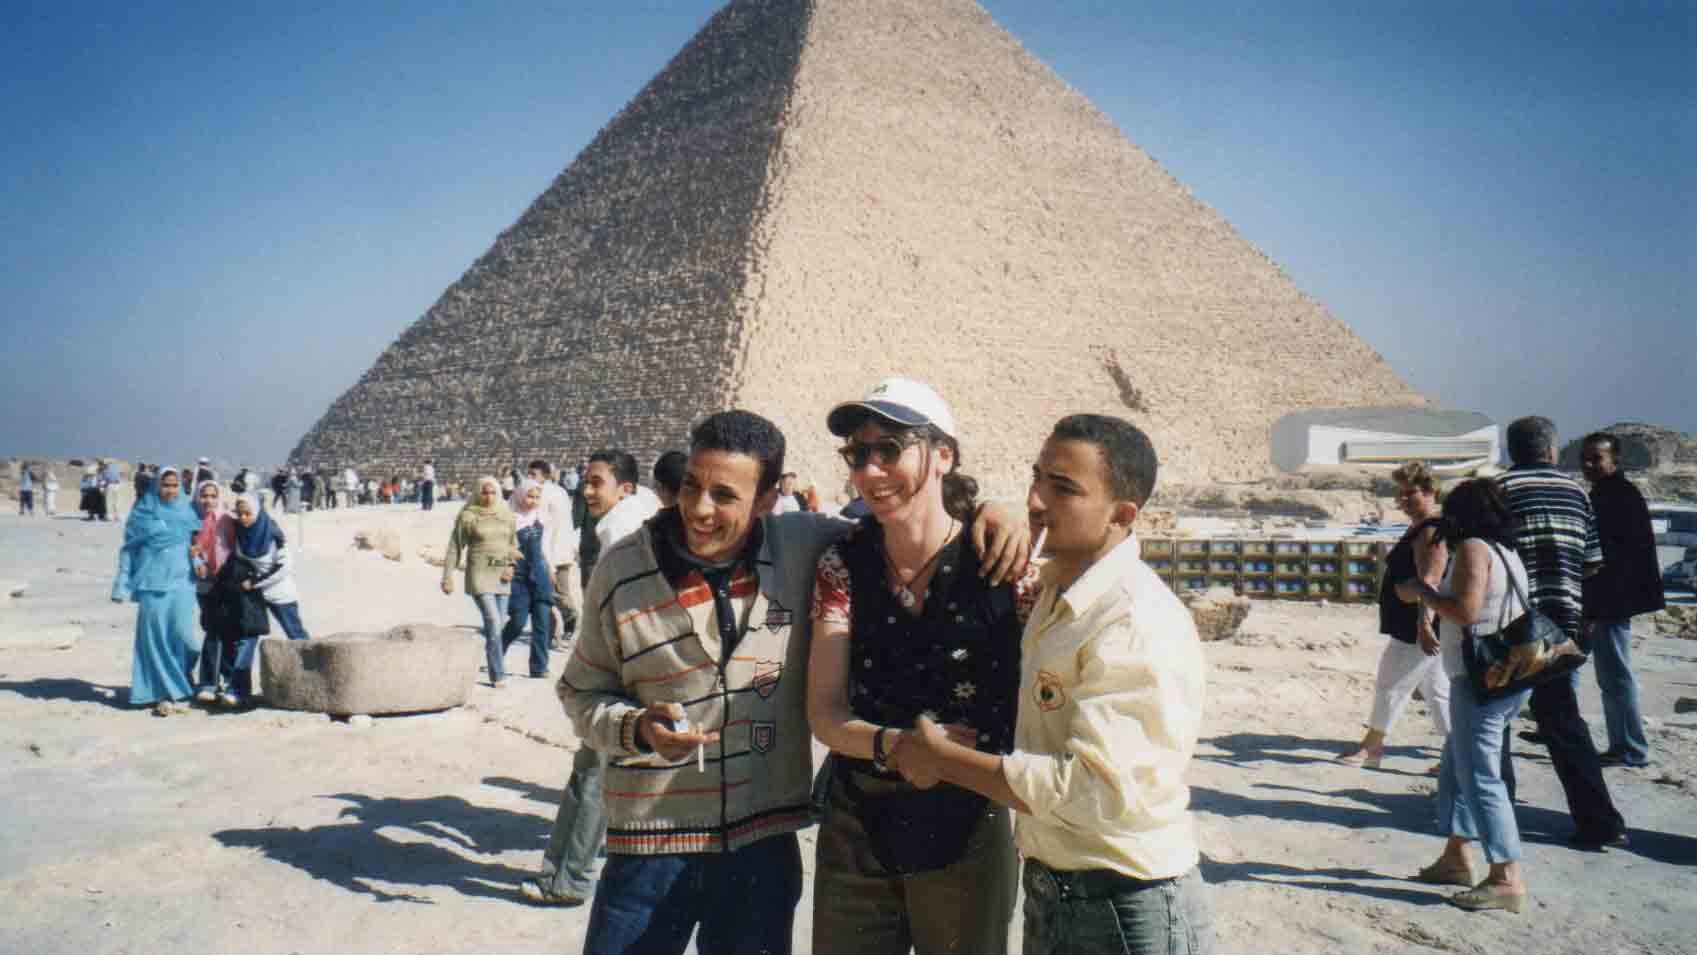 In Kairo / Ägypten, die abgebildeten Personen haben nichts mit dem Beitrag zu tun Copyright: Cornelia Saxe